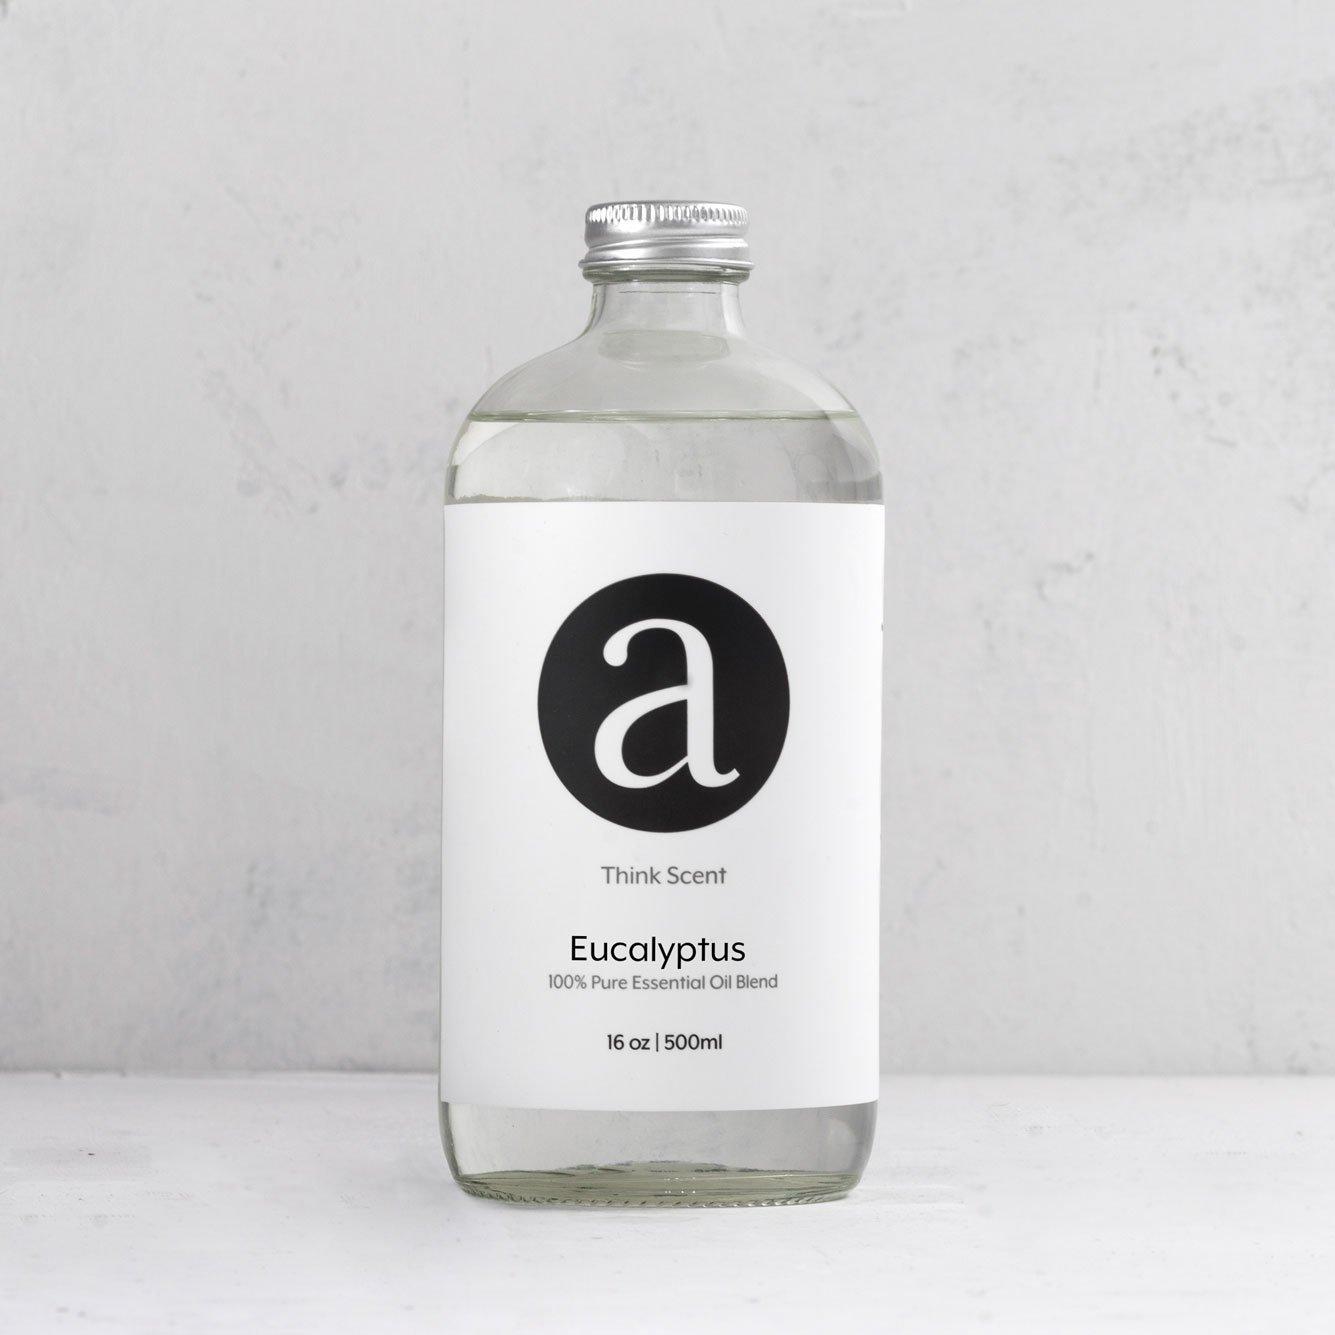 (Fresh Eucalyptus) Essential Oil Oil For AromaTech Air Freshener Scent Diffuser (500ml)